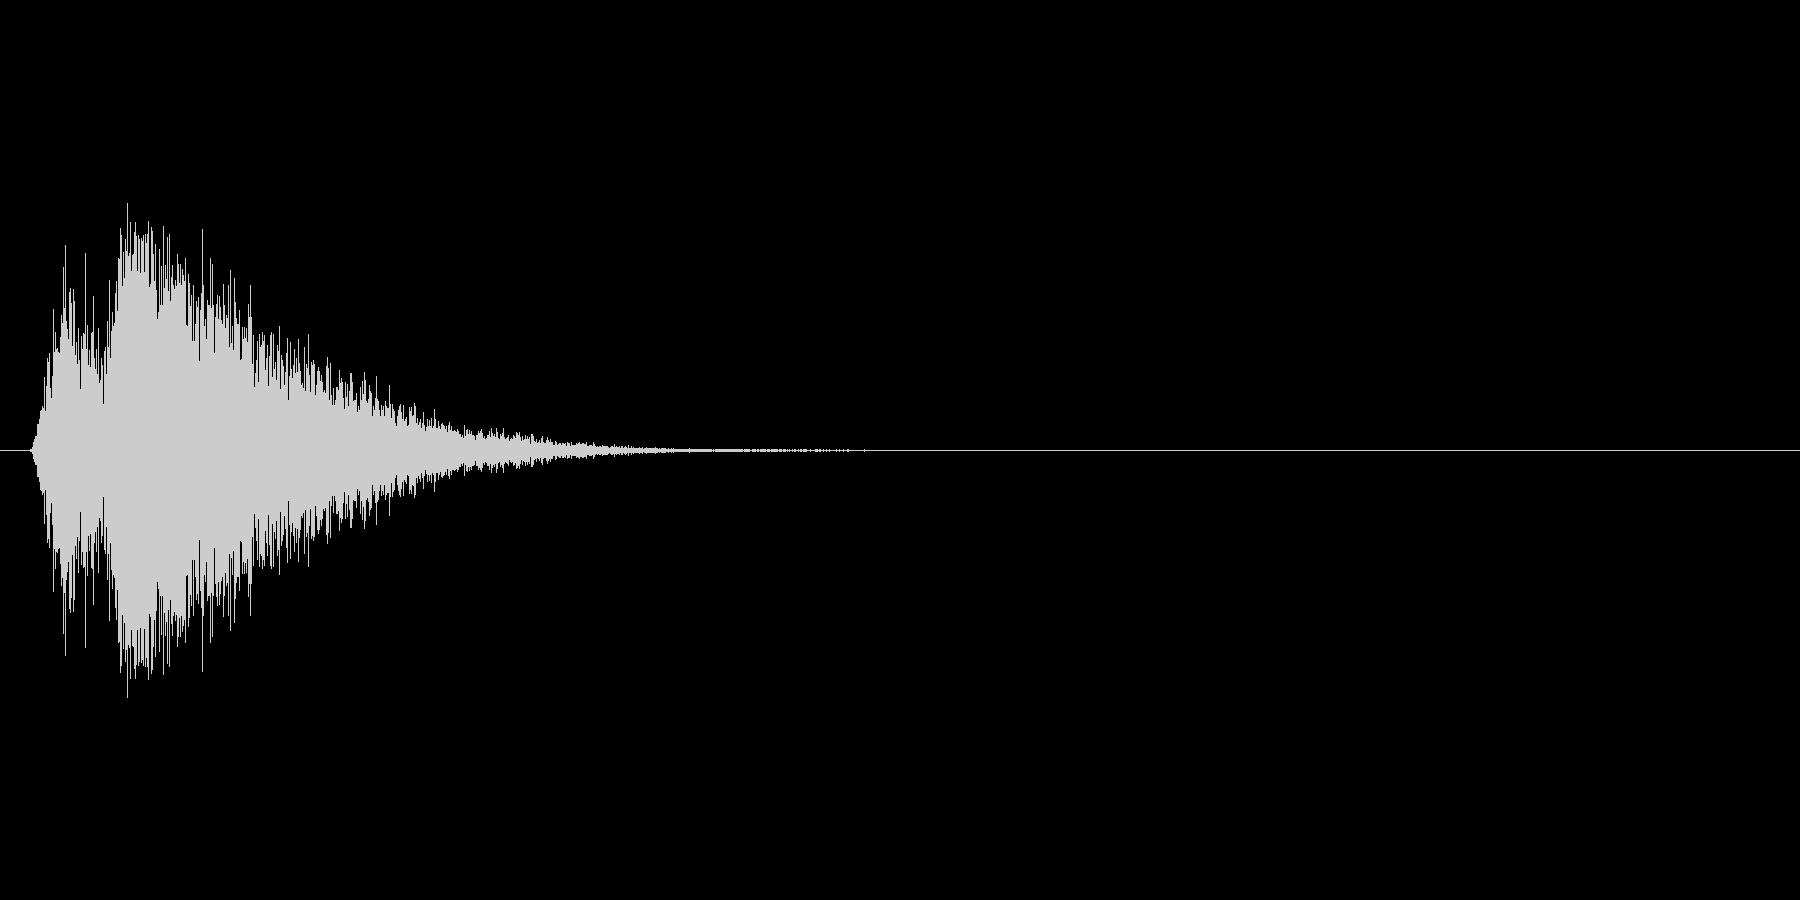 バシュン!勢いよく張り出されるテロップ音の未再生の波形